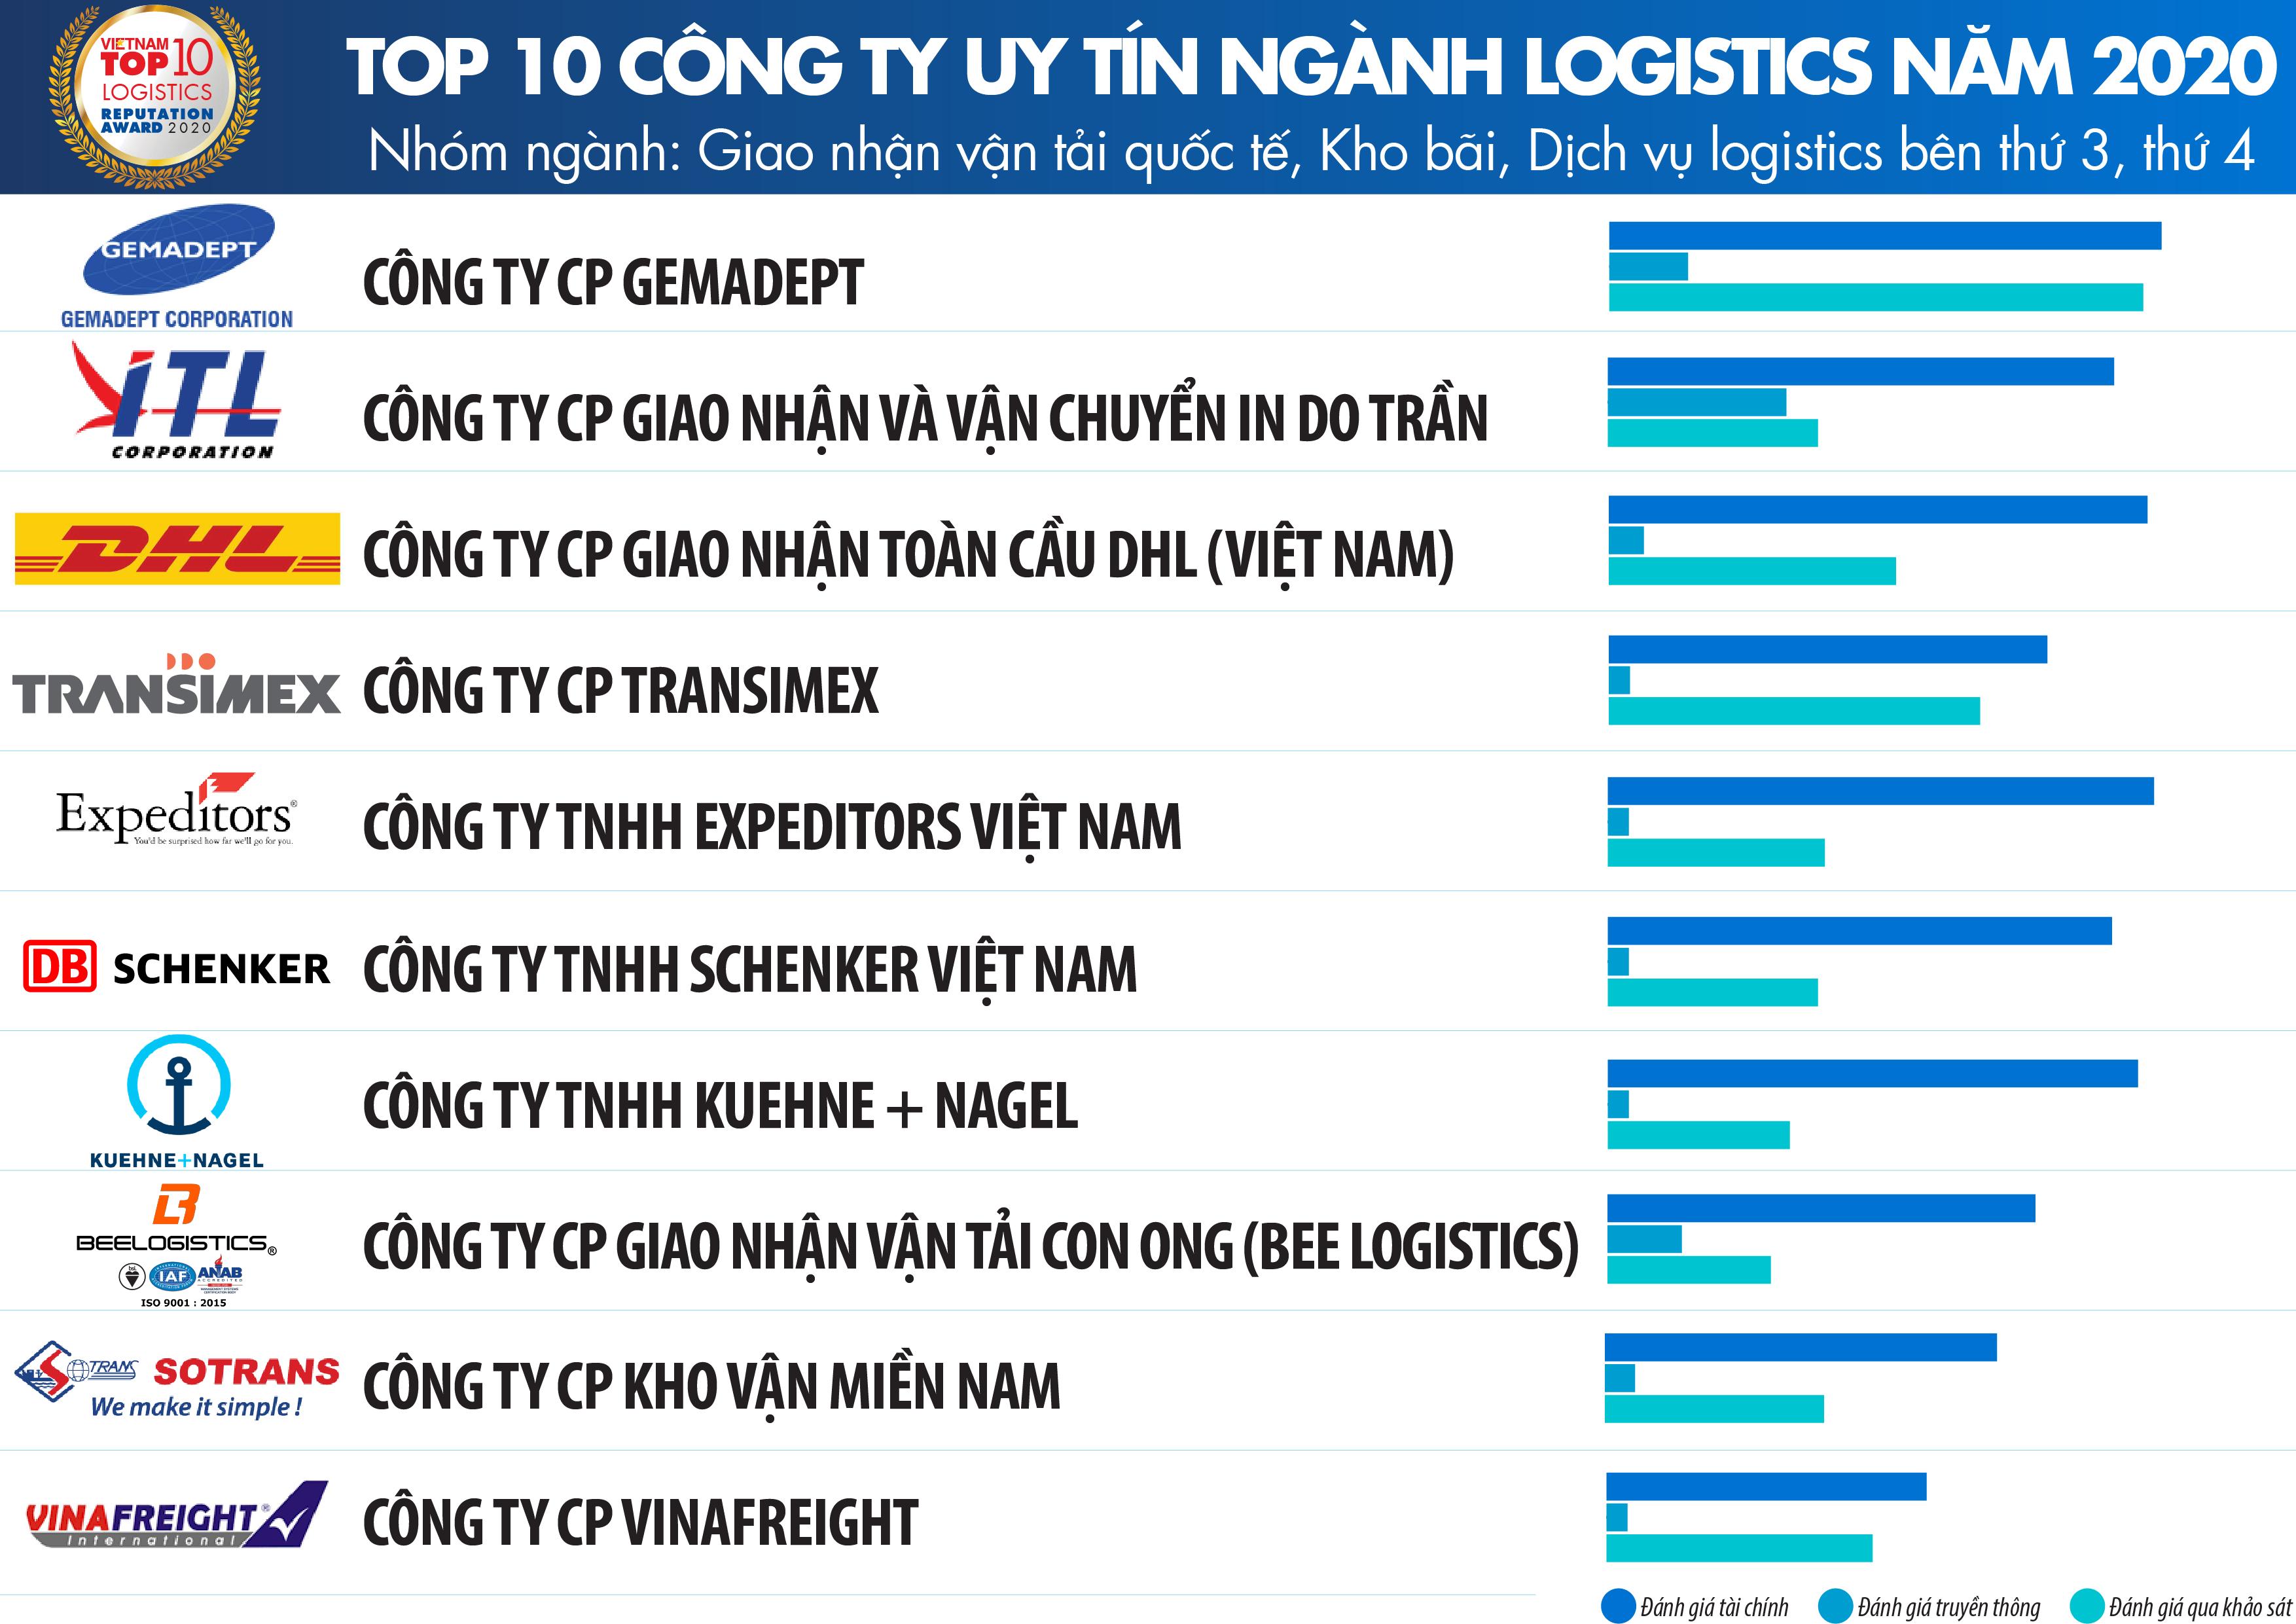 Vietnam Report: Công bố Top Công ty uy tín ngành Logistics năm 2020 - Ảnh 1.